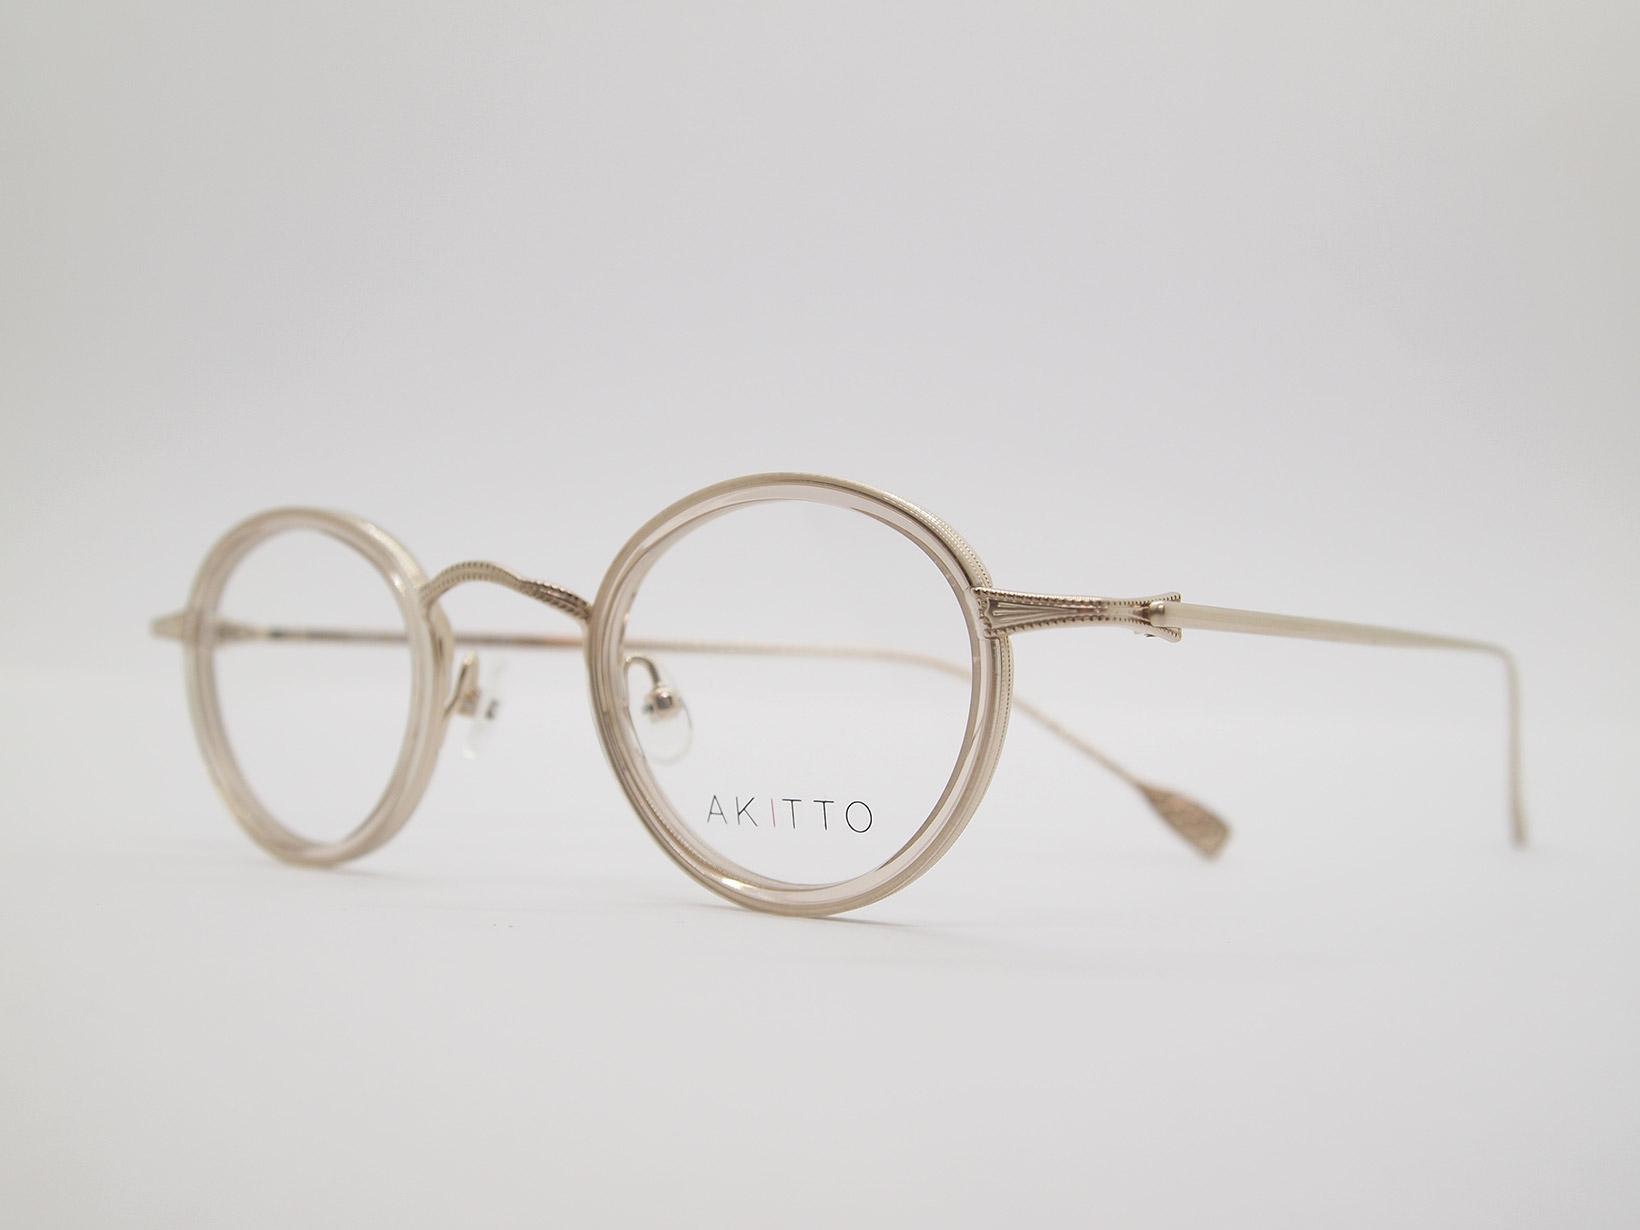 AKITTO 2021-4th tas2 color CL size:41□25 material:titanium+acetate price:¥46,200-(税込み)